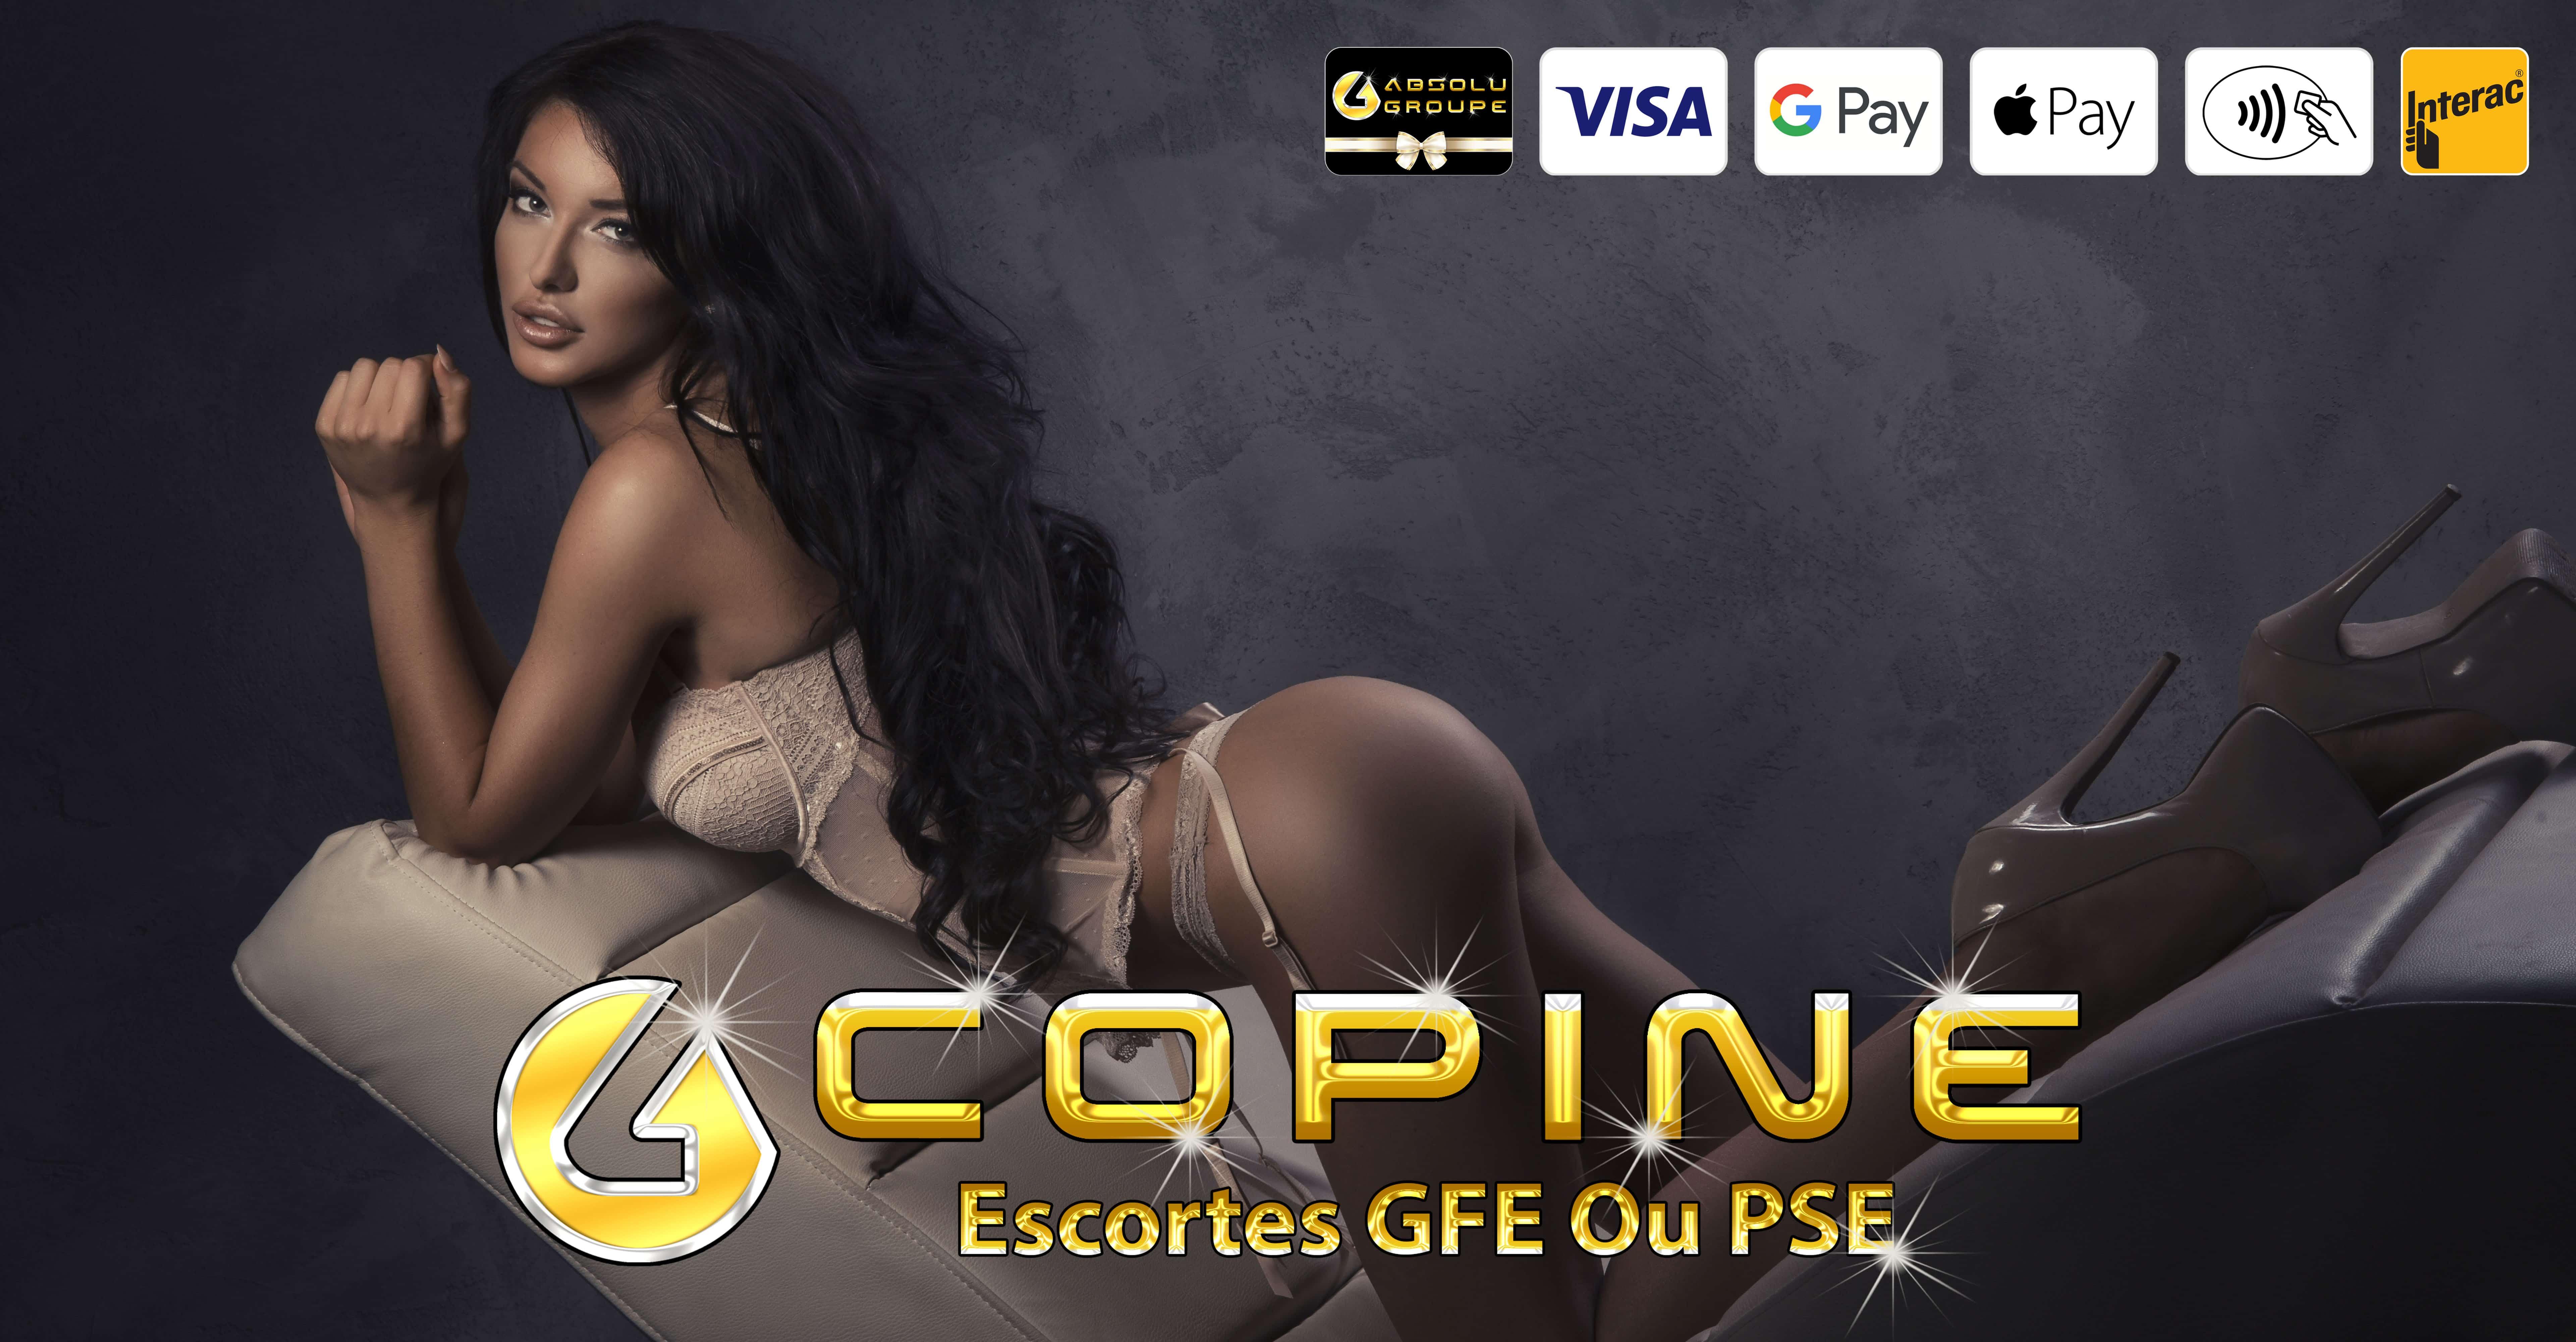 Division-Escortes-GFE-PSE-VIP-Élite-Absolu-Copine-Montréal-FR-8K